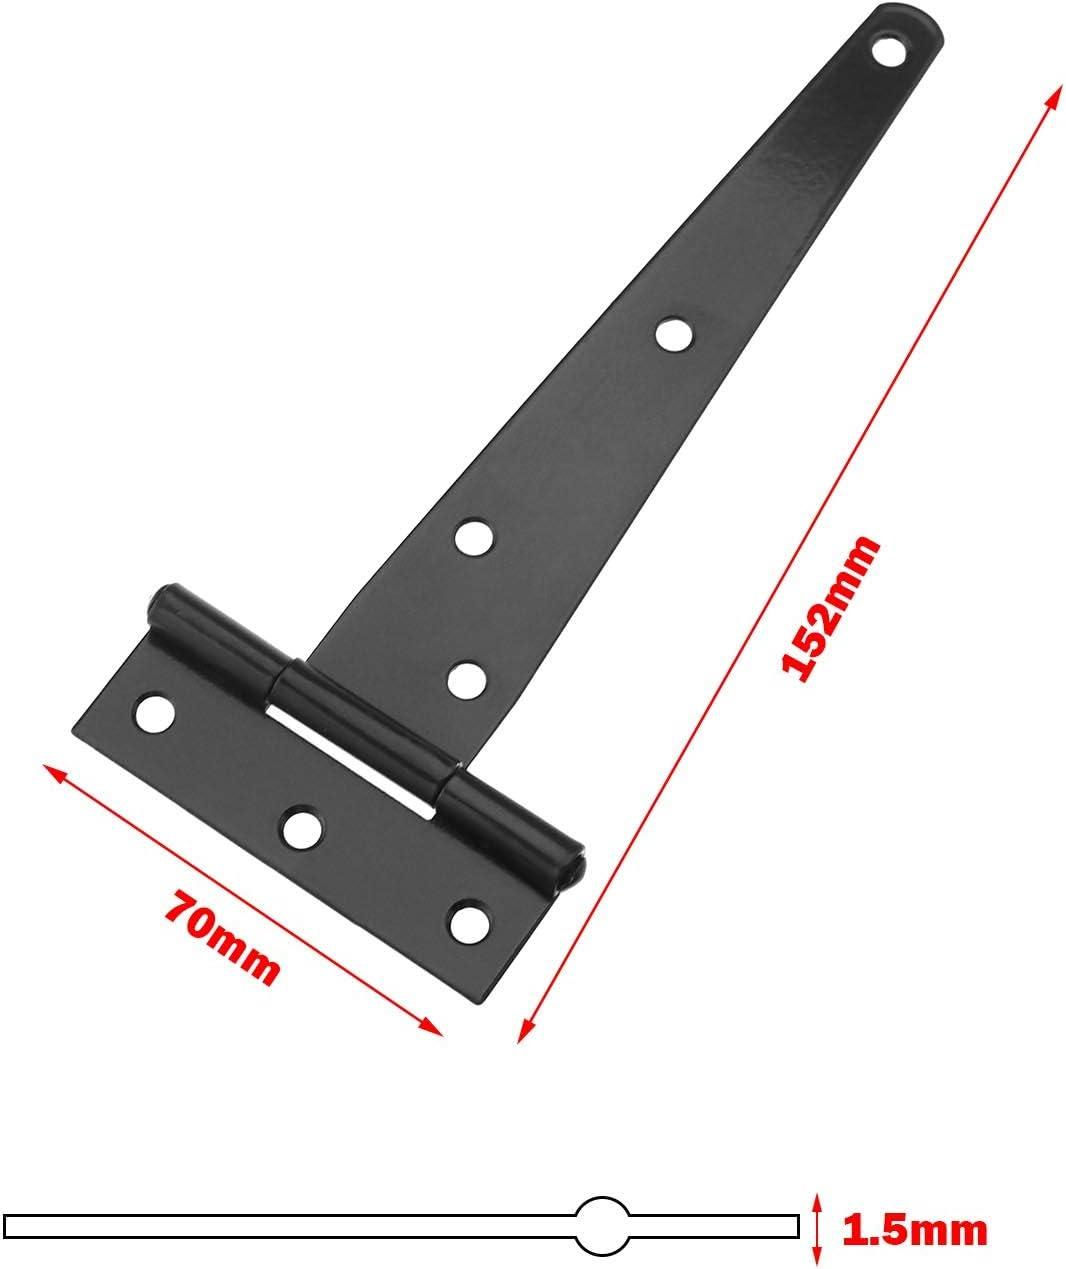 SING F LTD 6Pcs T-Strap Tee Shed Hinge Set 6 Inch Heavy Duty Gate Door Barn Wrought Hardware Rustproof Black